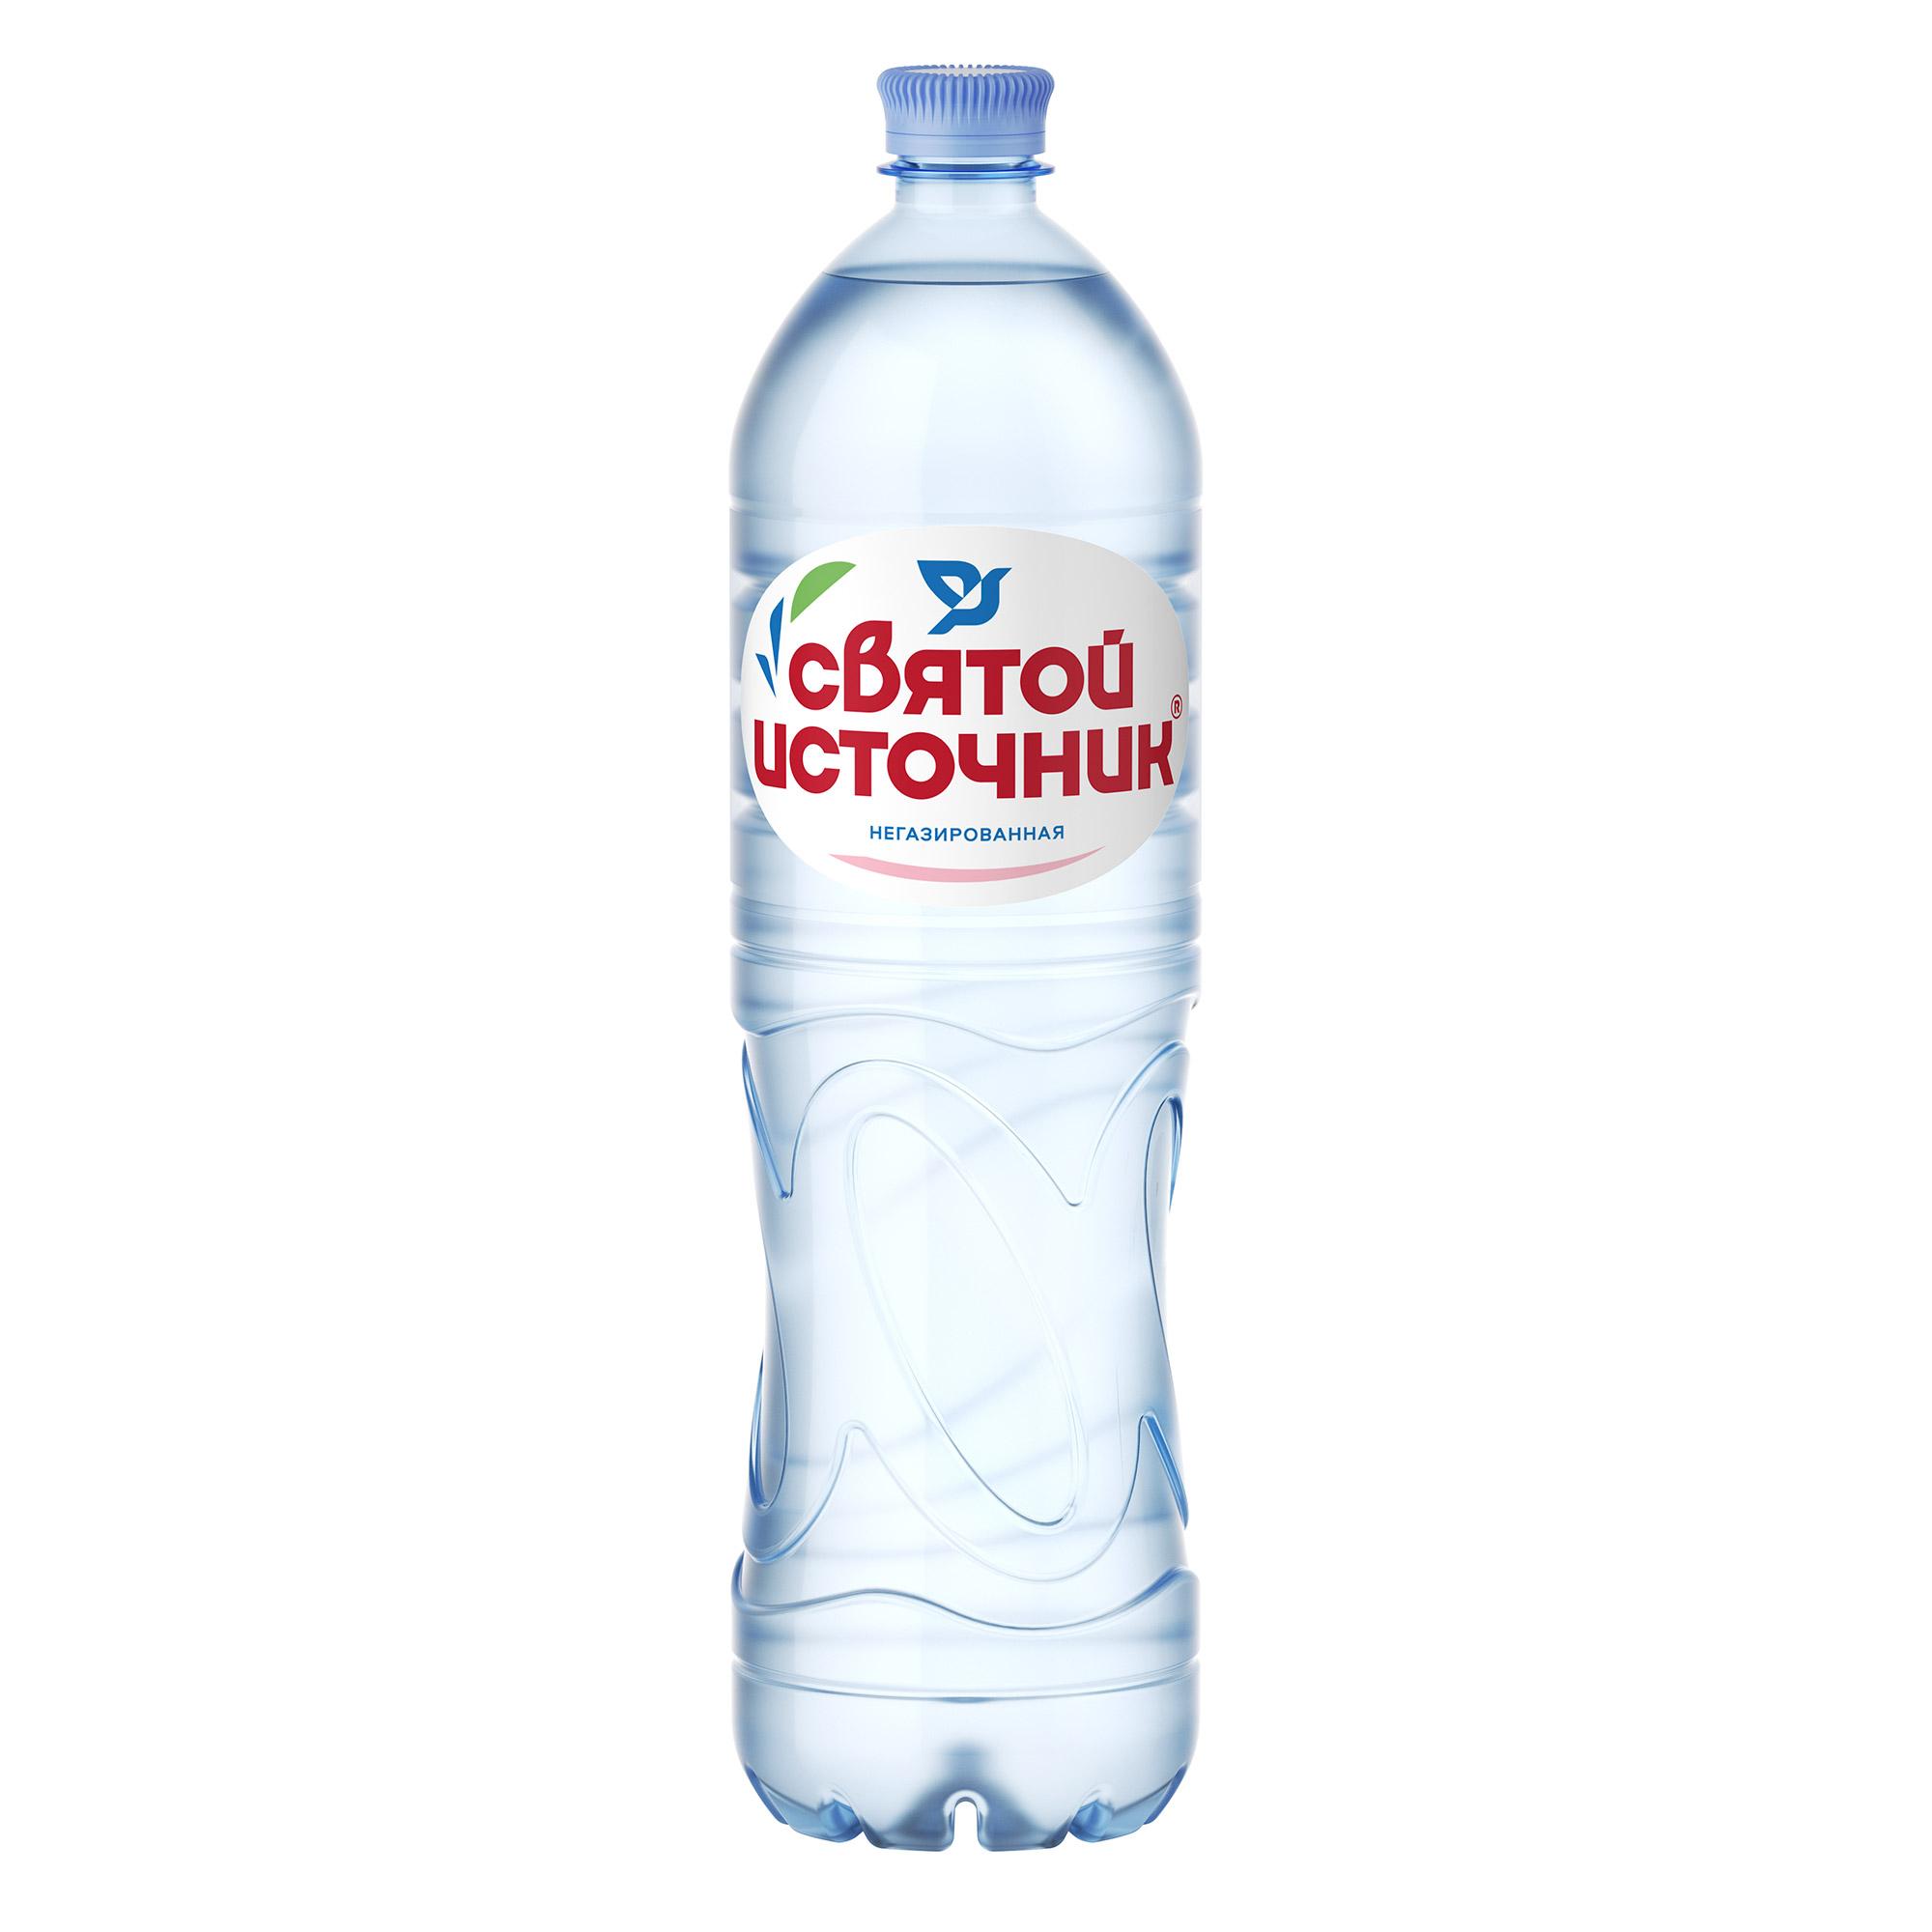 Вода питьевая Святой Источник негазированная 15 л.